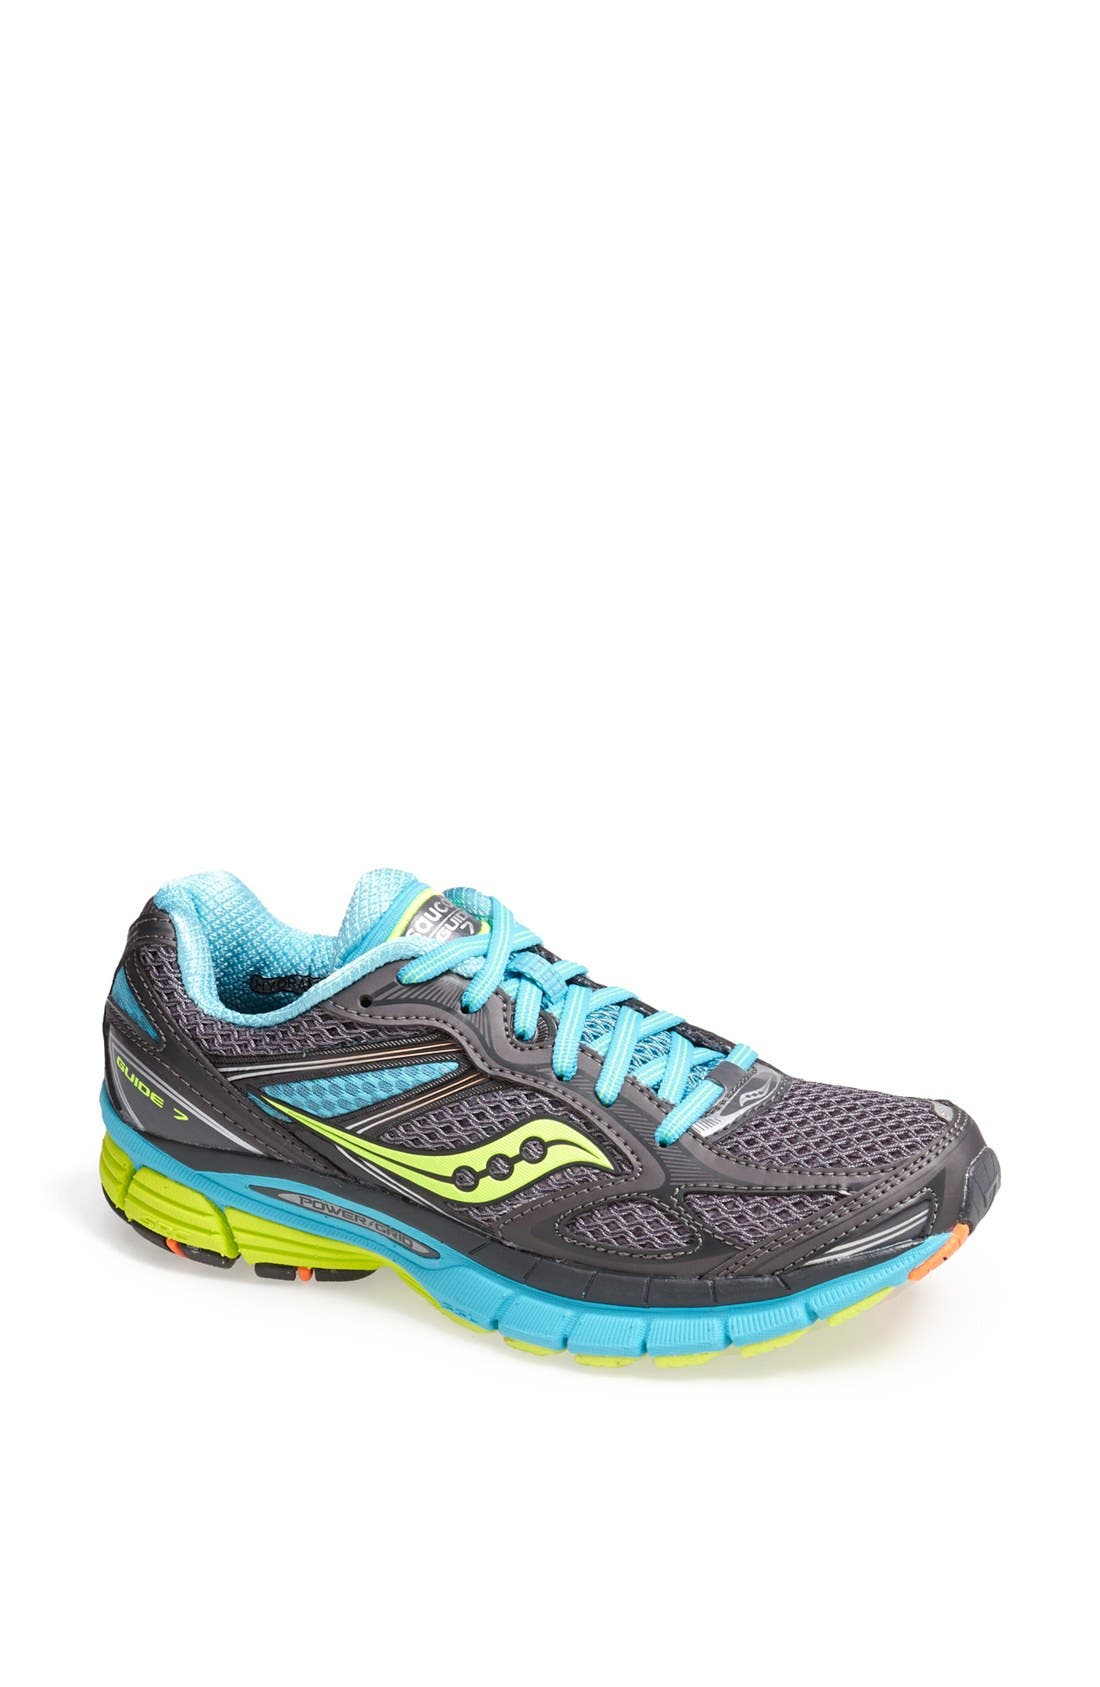 Main Image - Saucony 'Guide 7' Running Shoe (Women)